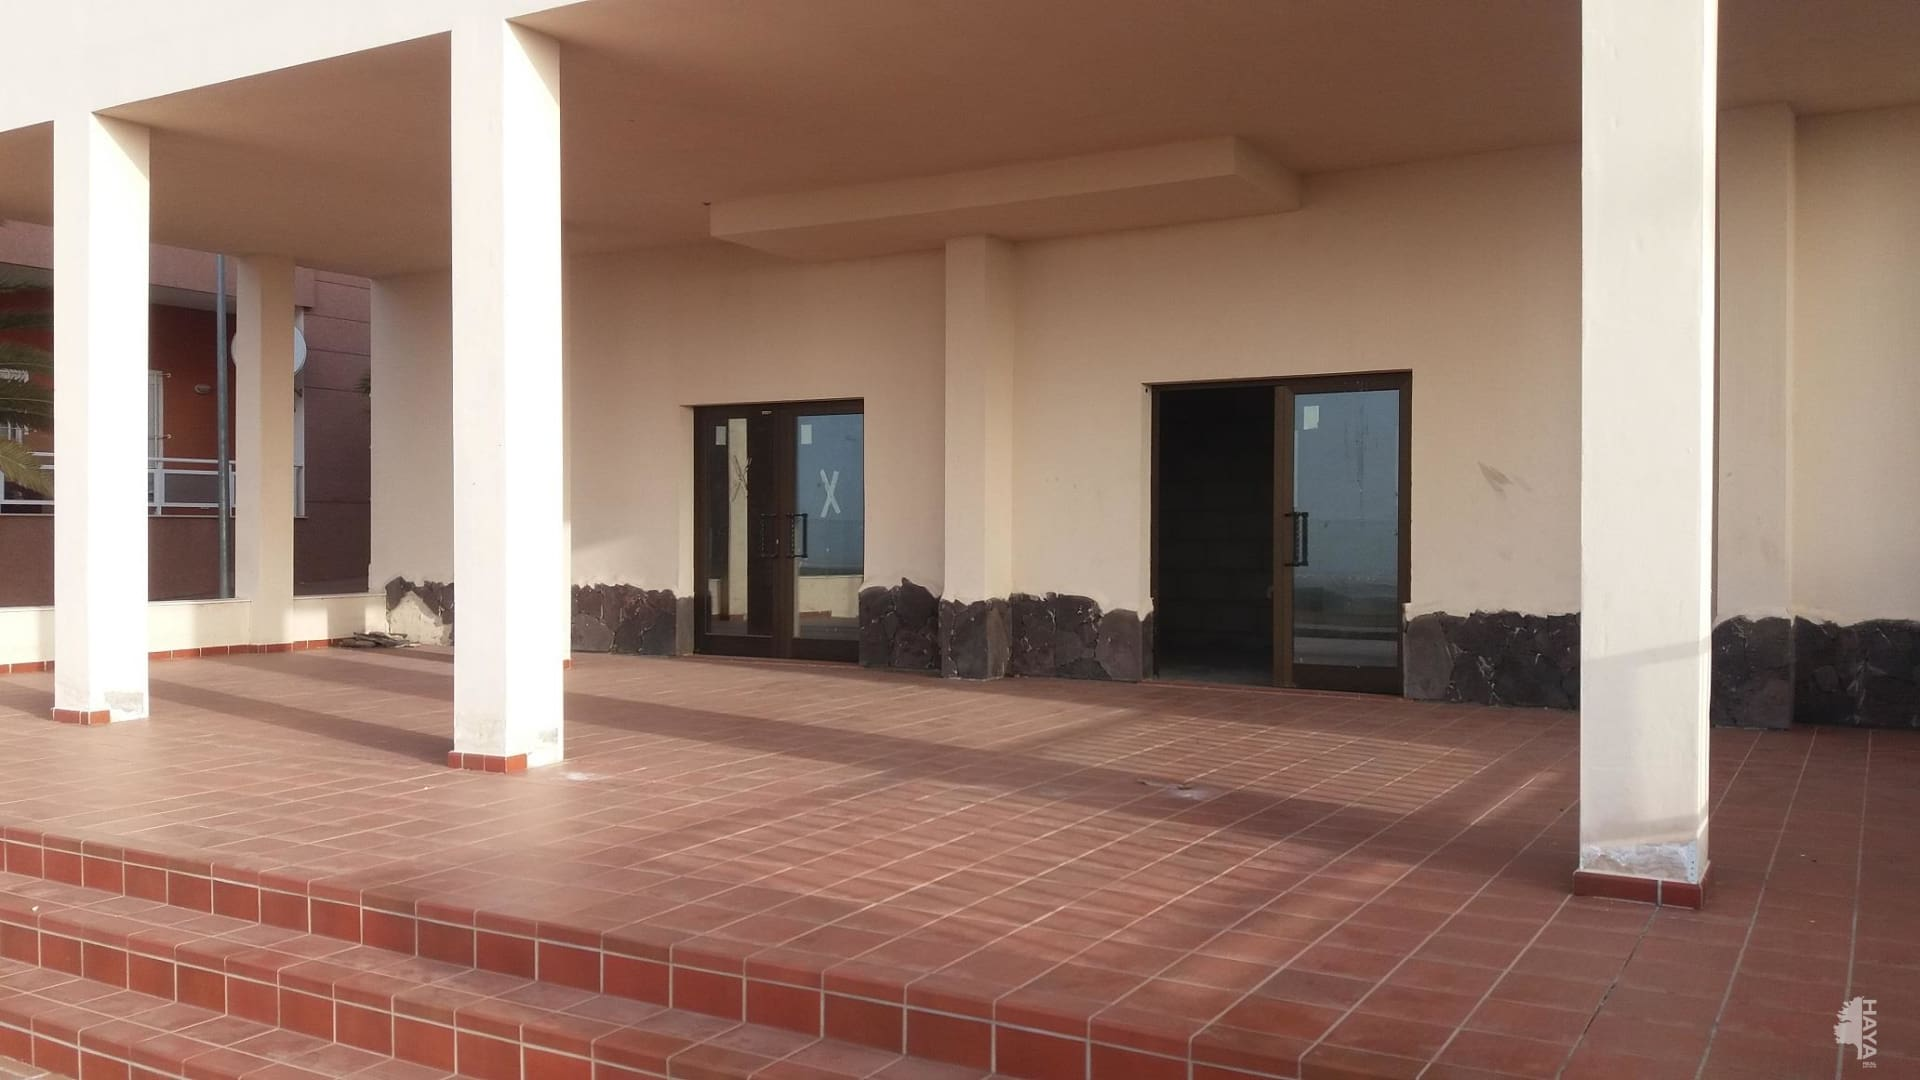 Local en venta en Arona, Santa Cruz de Tenerife, Calle Envolvente, 64.800 €, 108 m2